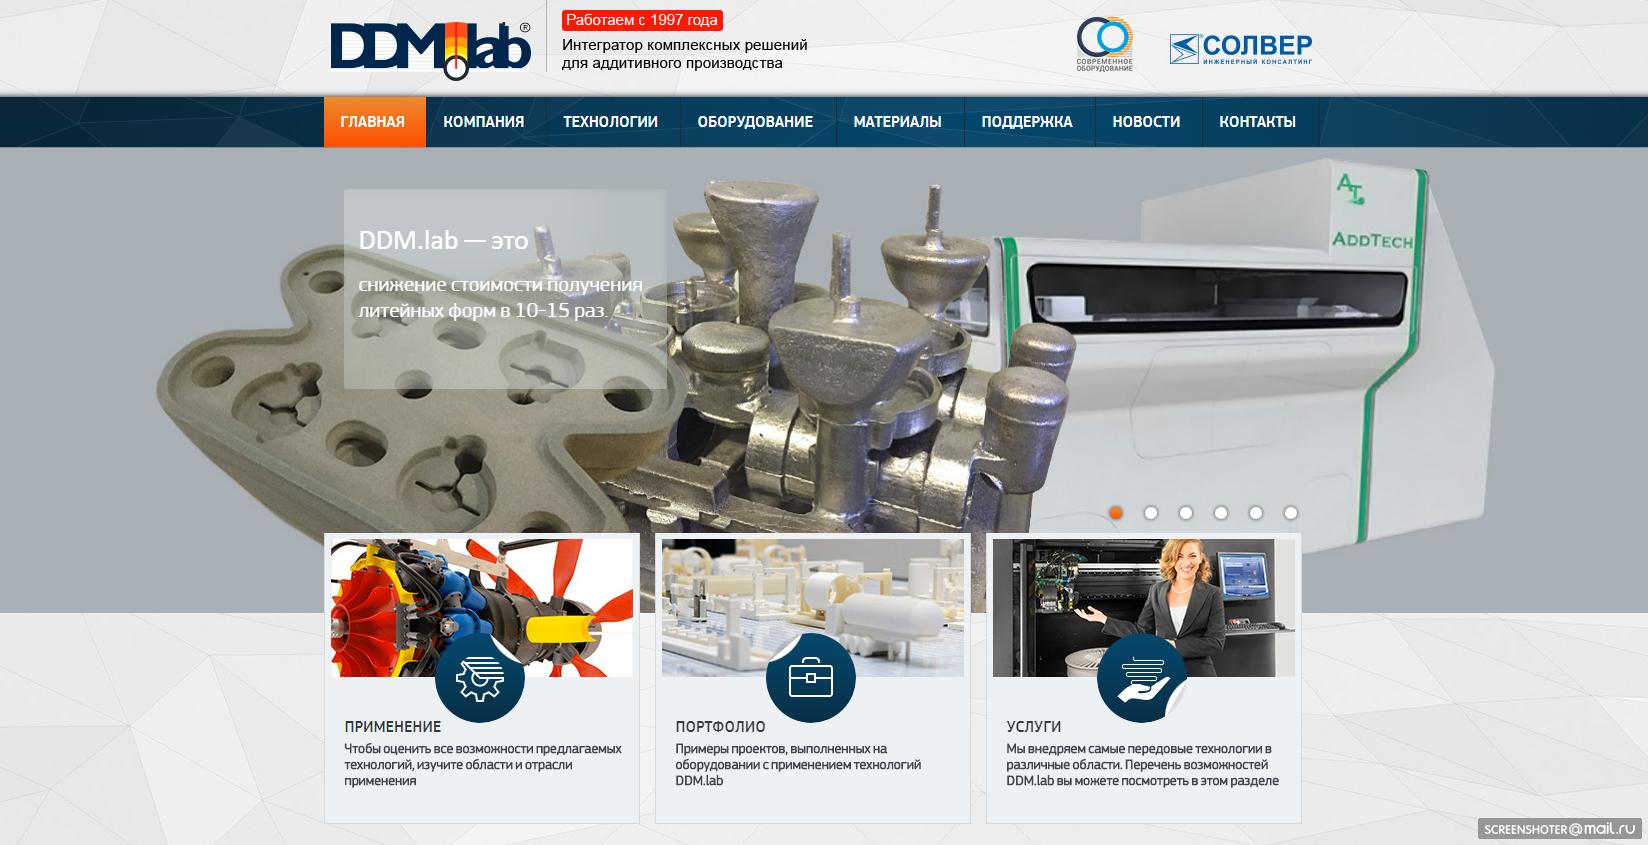 сайт DDM Lab